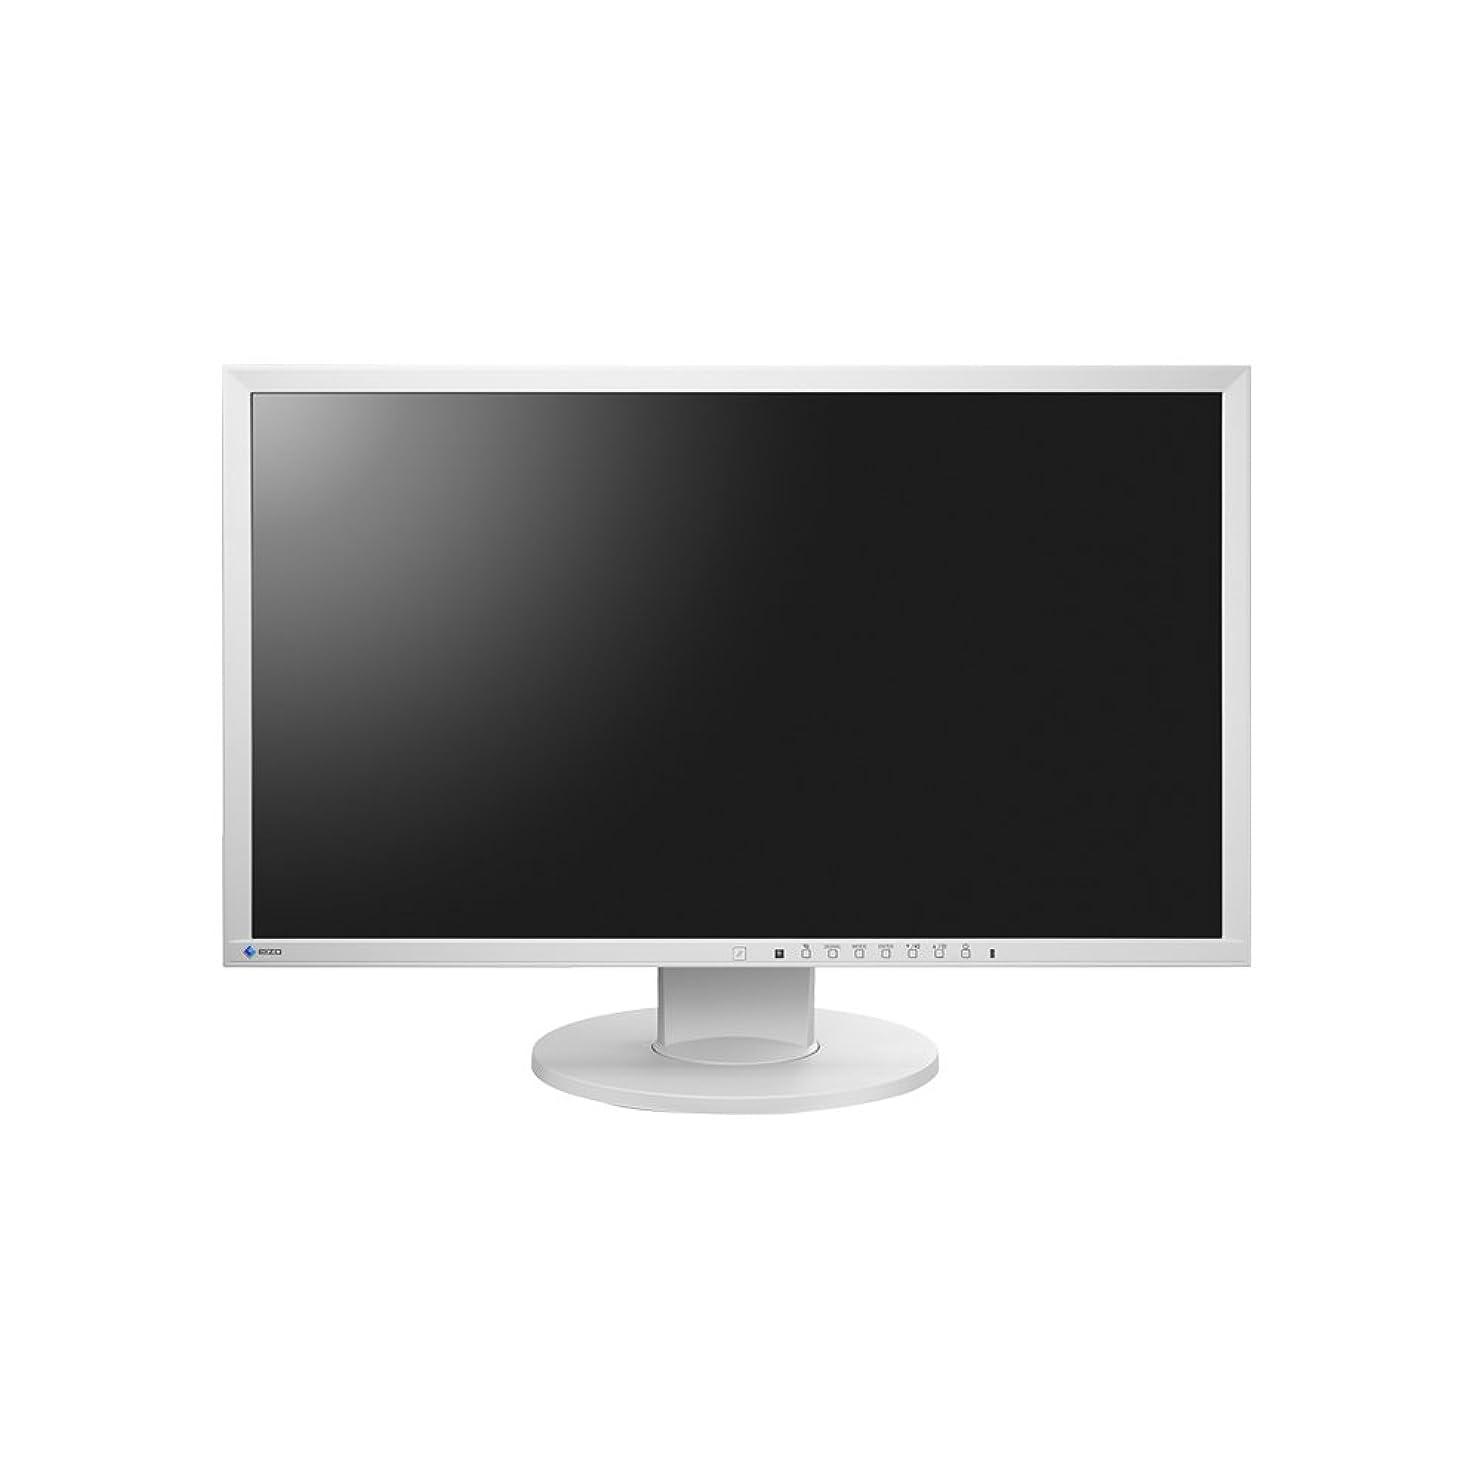 黒板病な西EIZO FlexScan 23.0インチ カラー液晶モニター ( 1920x1080 / TNパネル / 5ms / セレーングレイ )  EV2316W-ZGY